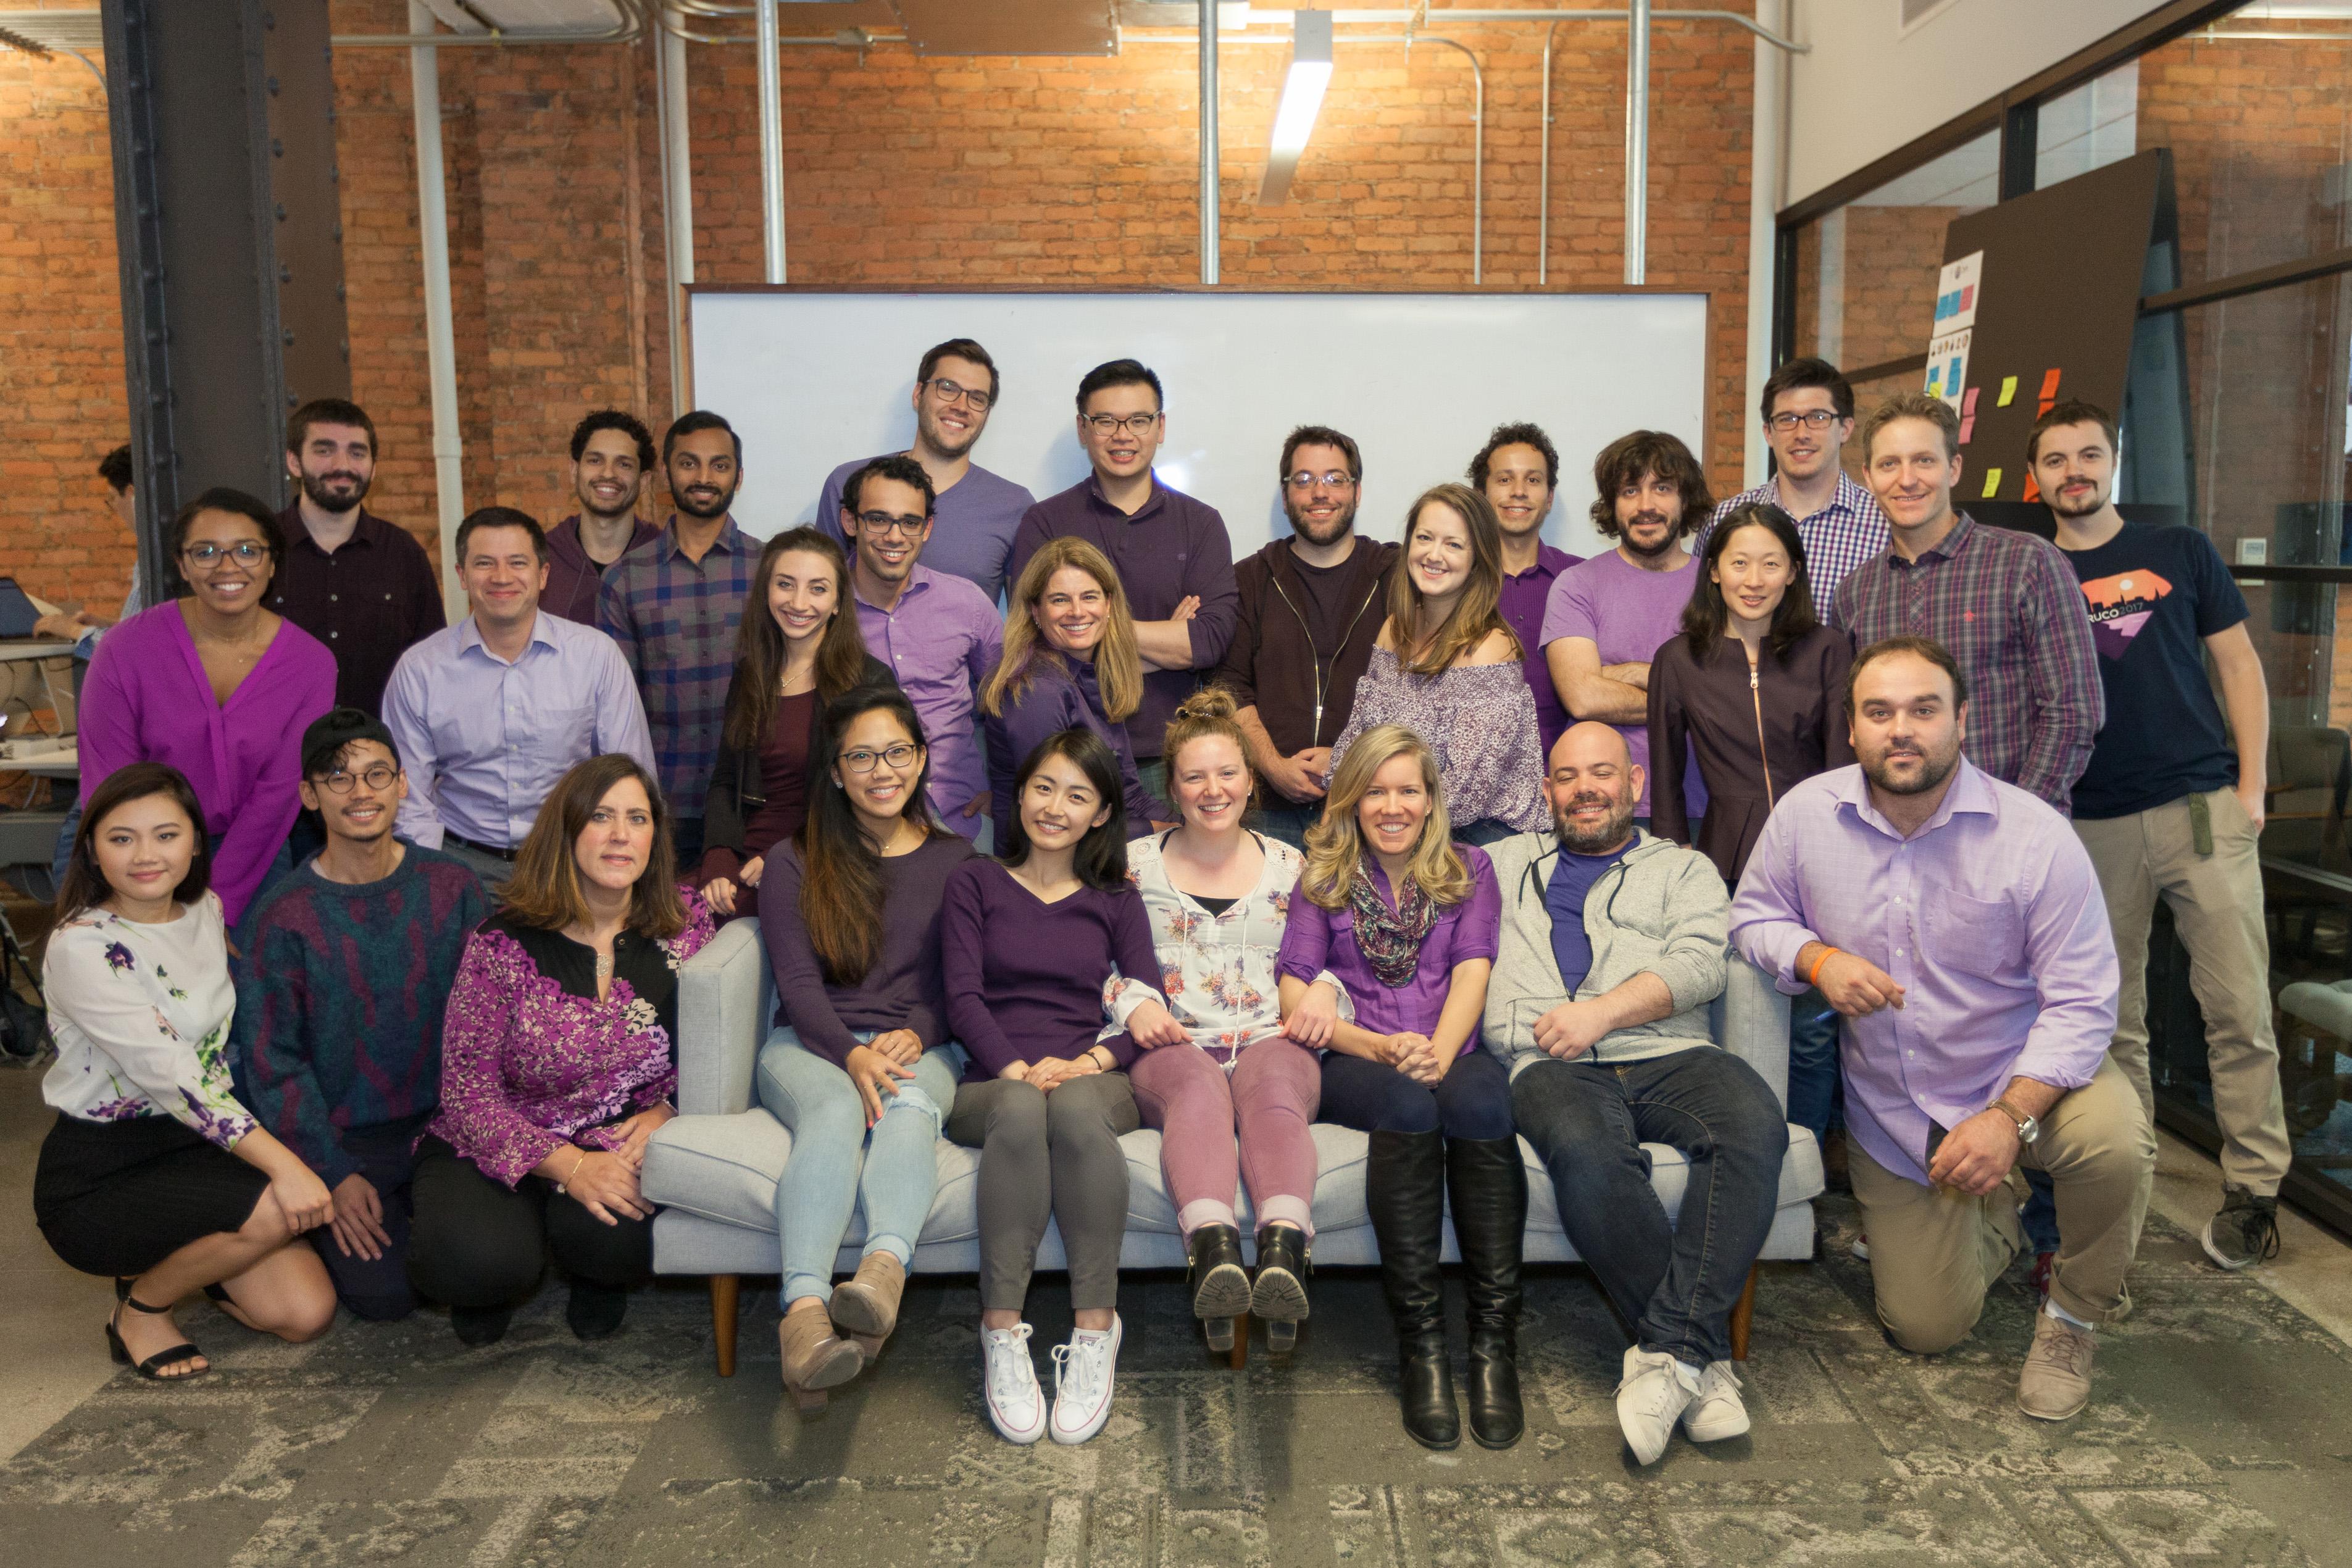 justin topliff vts wear purple